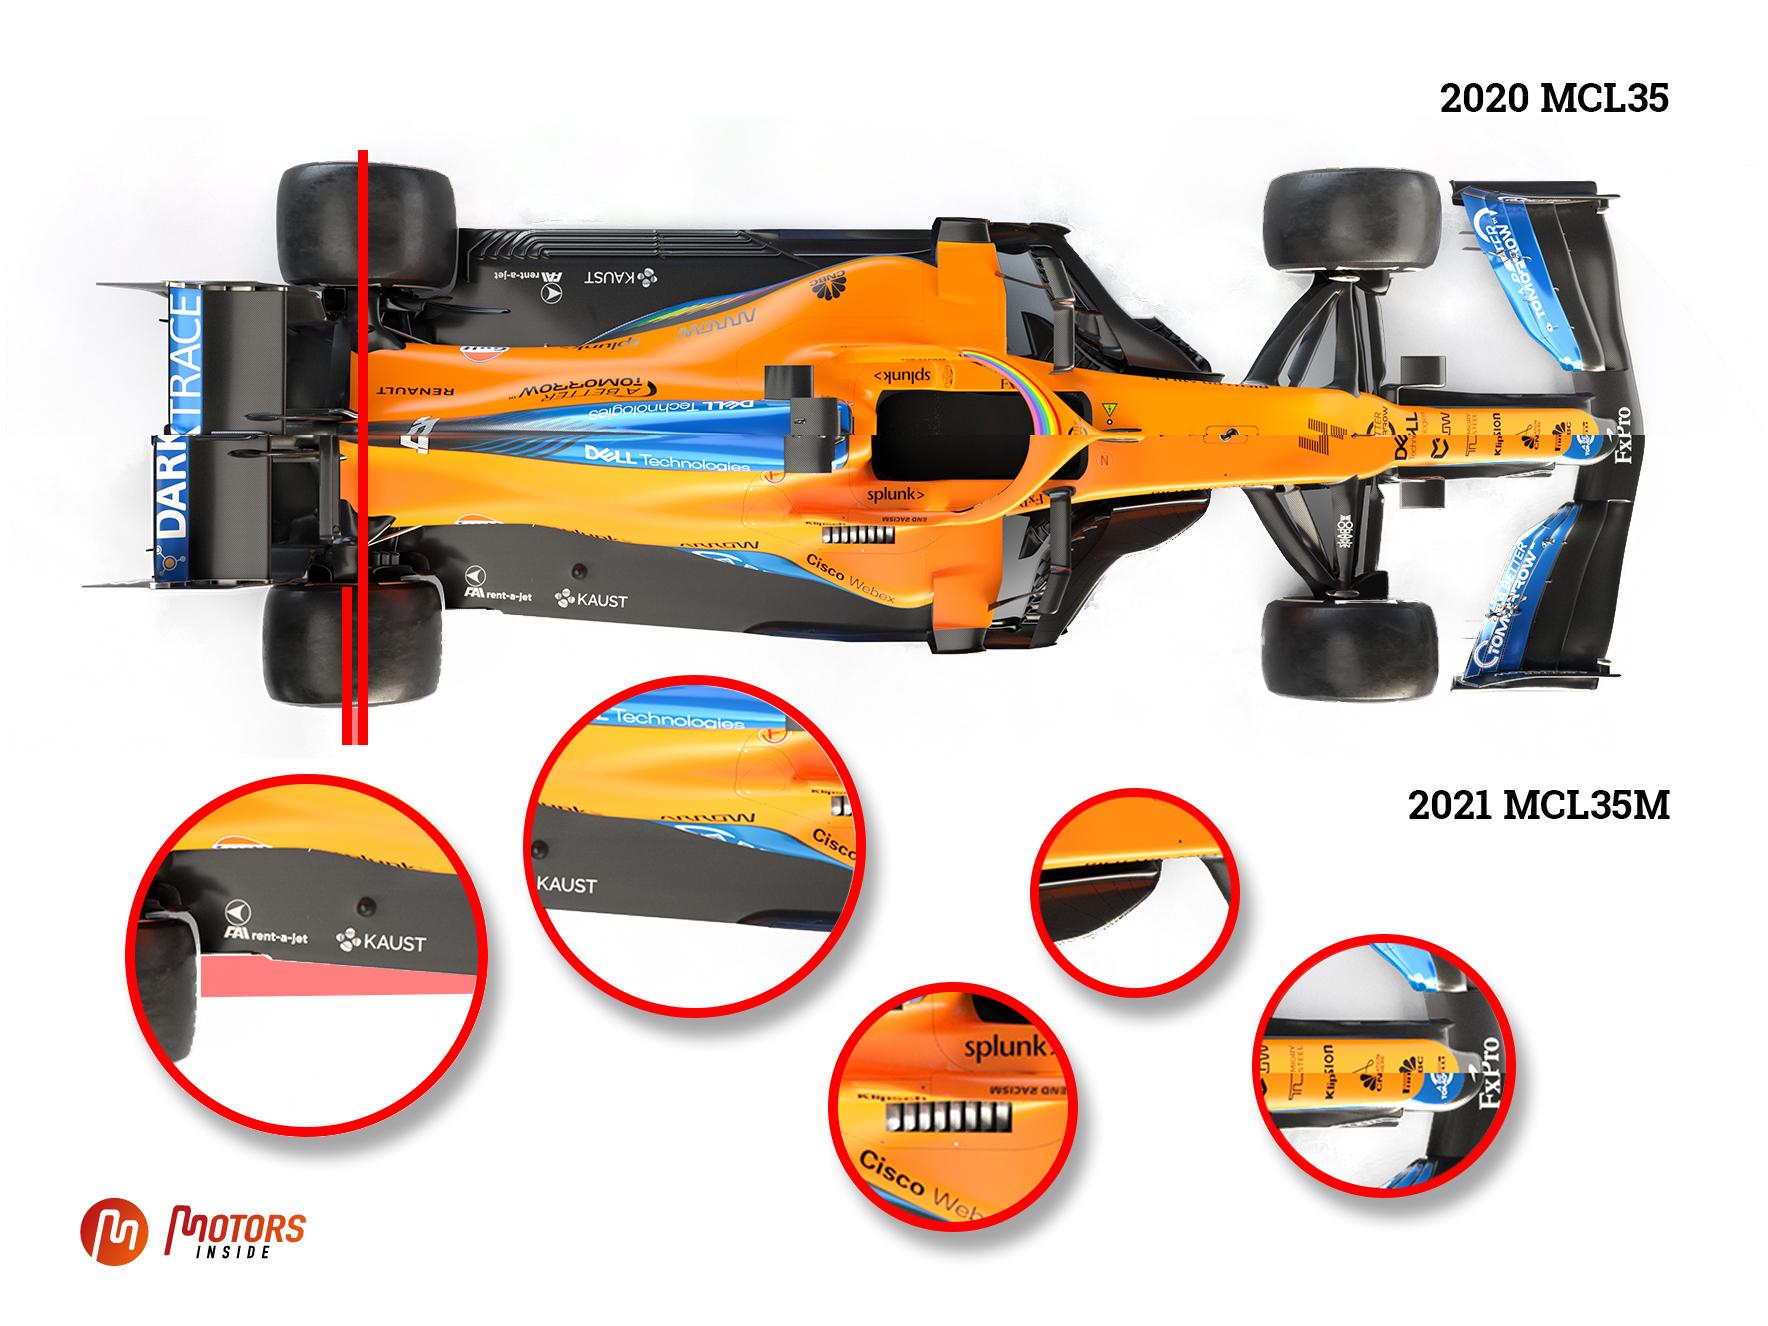 Comparaison du dessus des McLaren MCL35M de 2021 et MCL35 de 2020